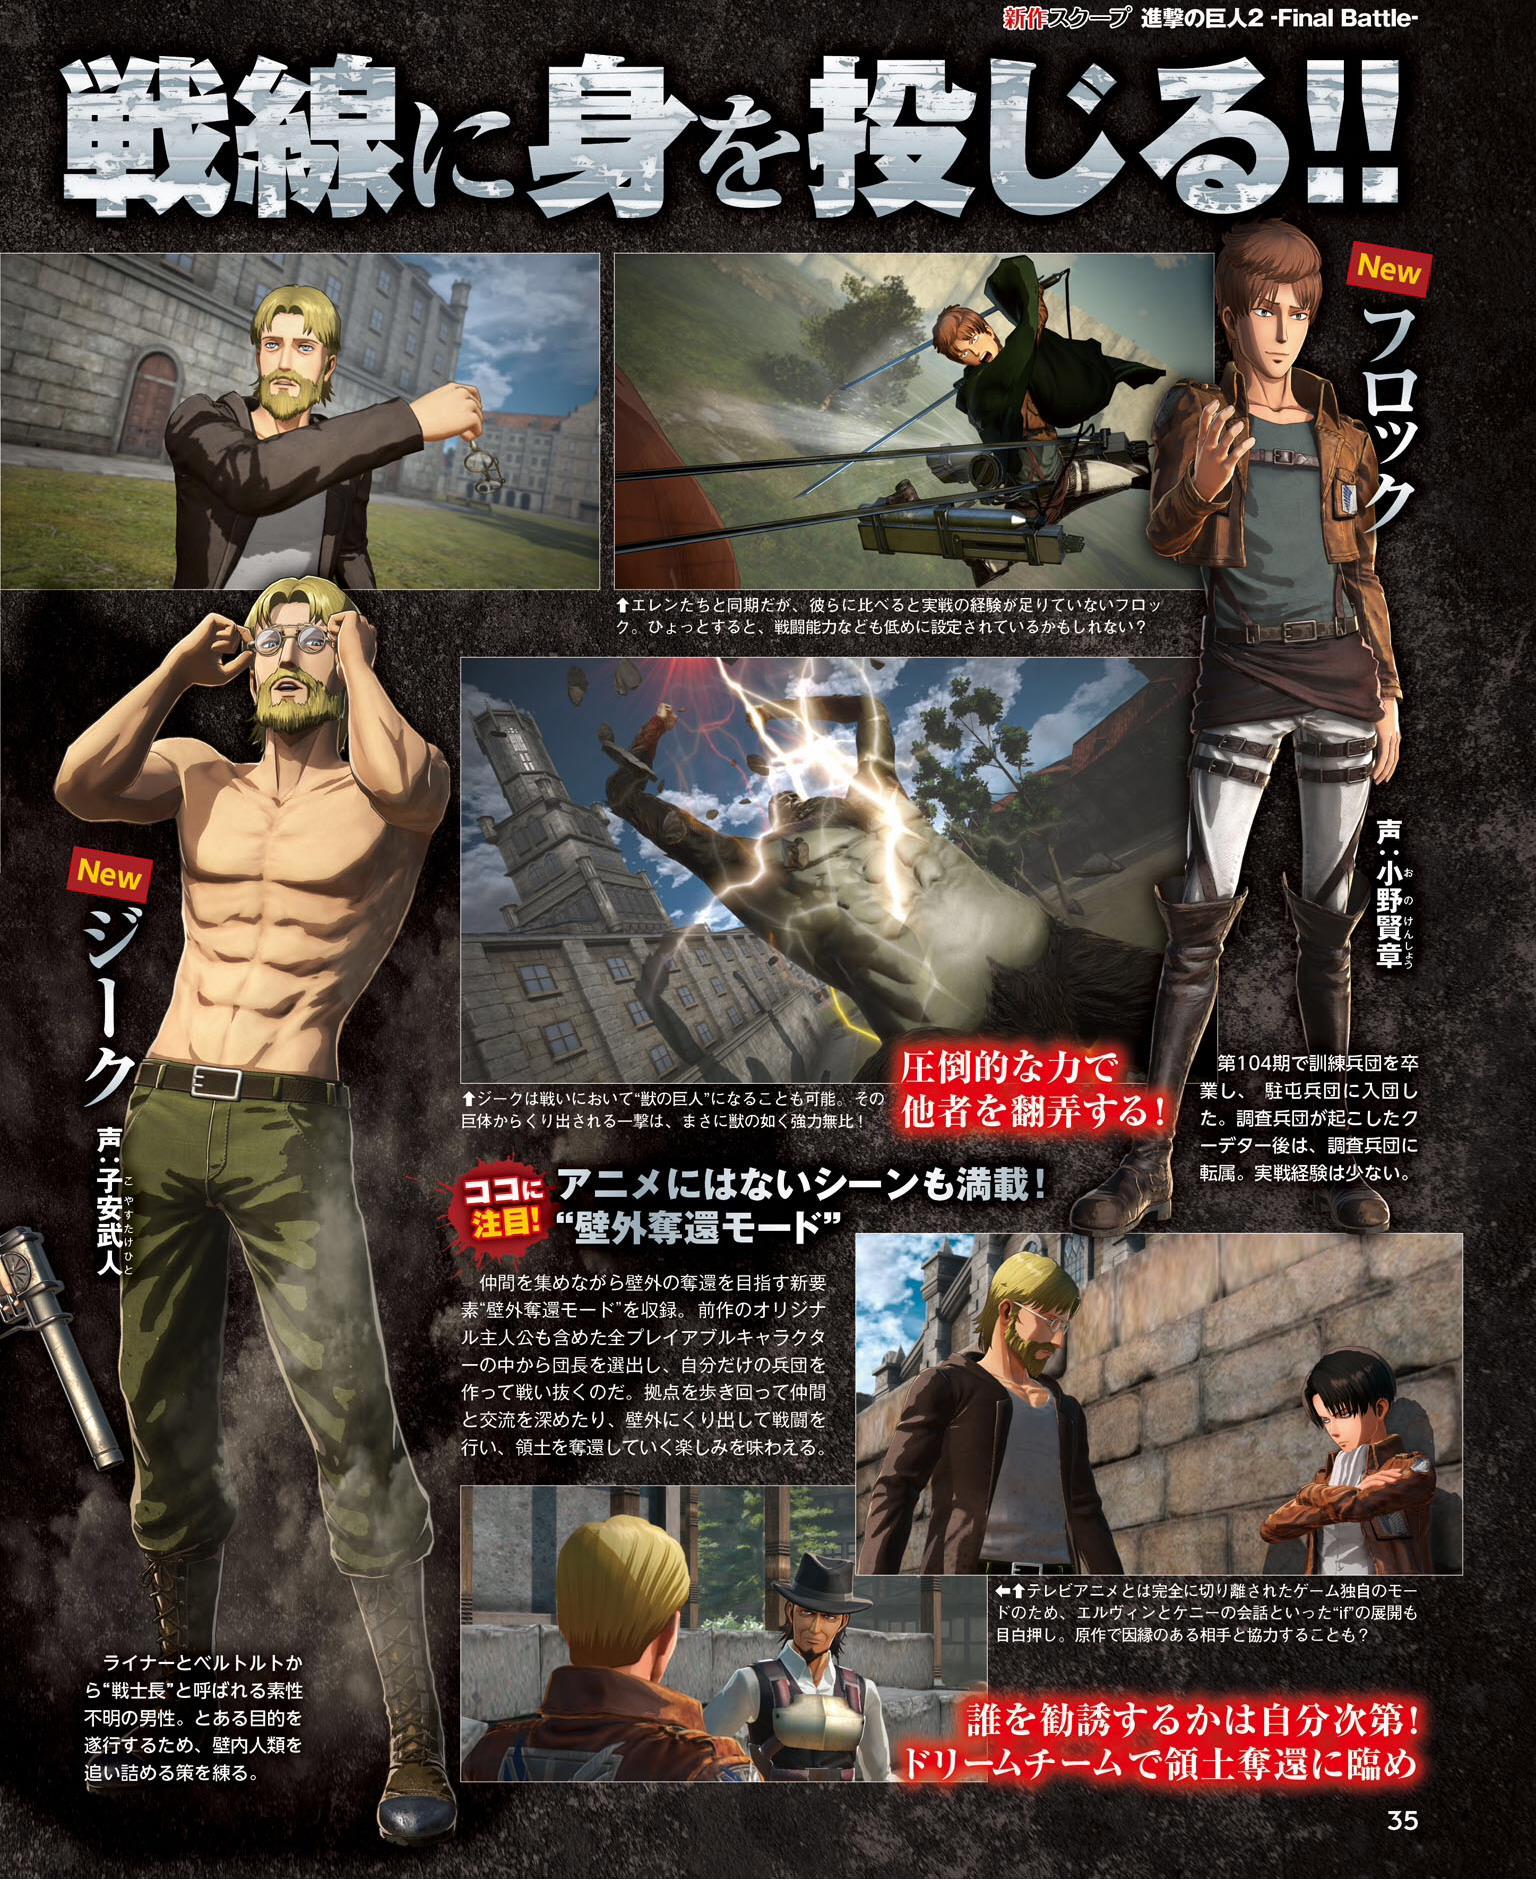 《进击的巨人2:最终之战》新增5名角色及If假想剧情